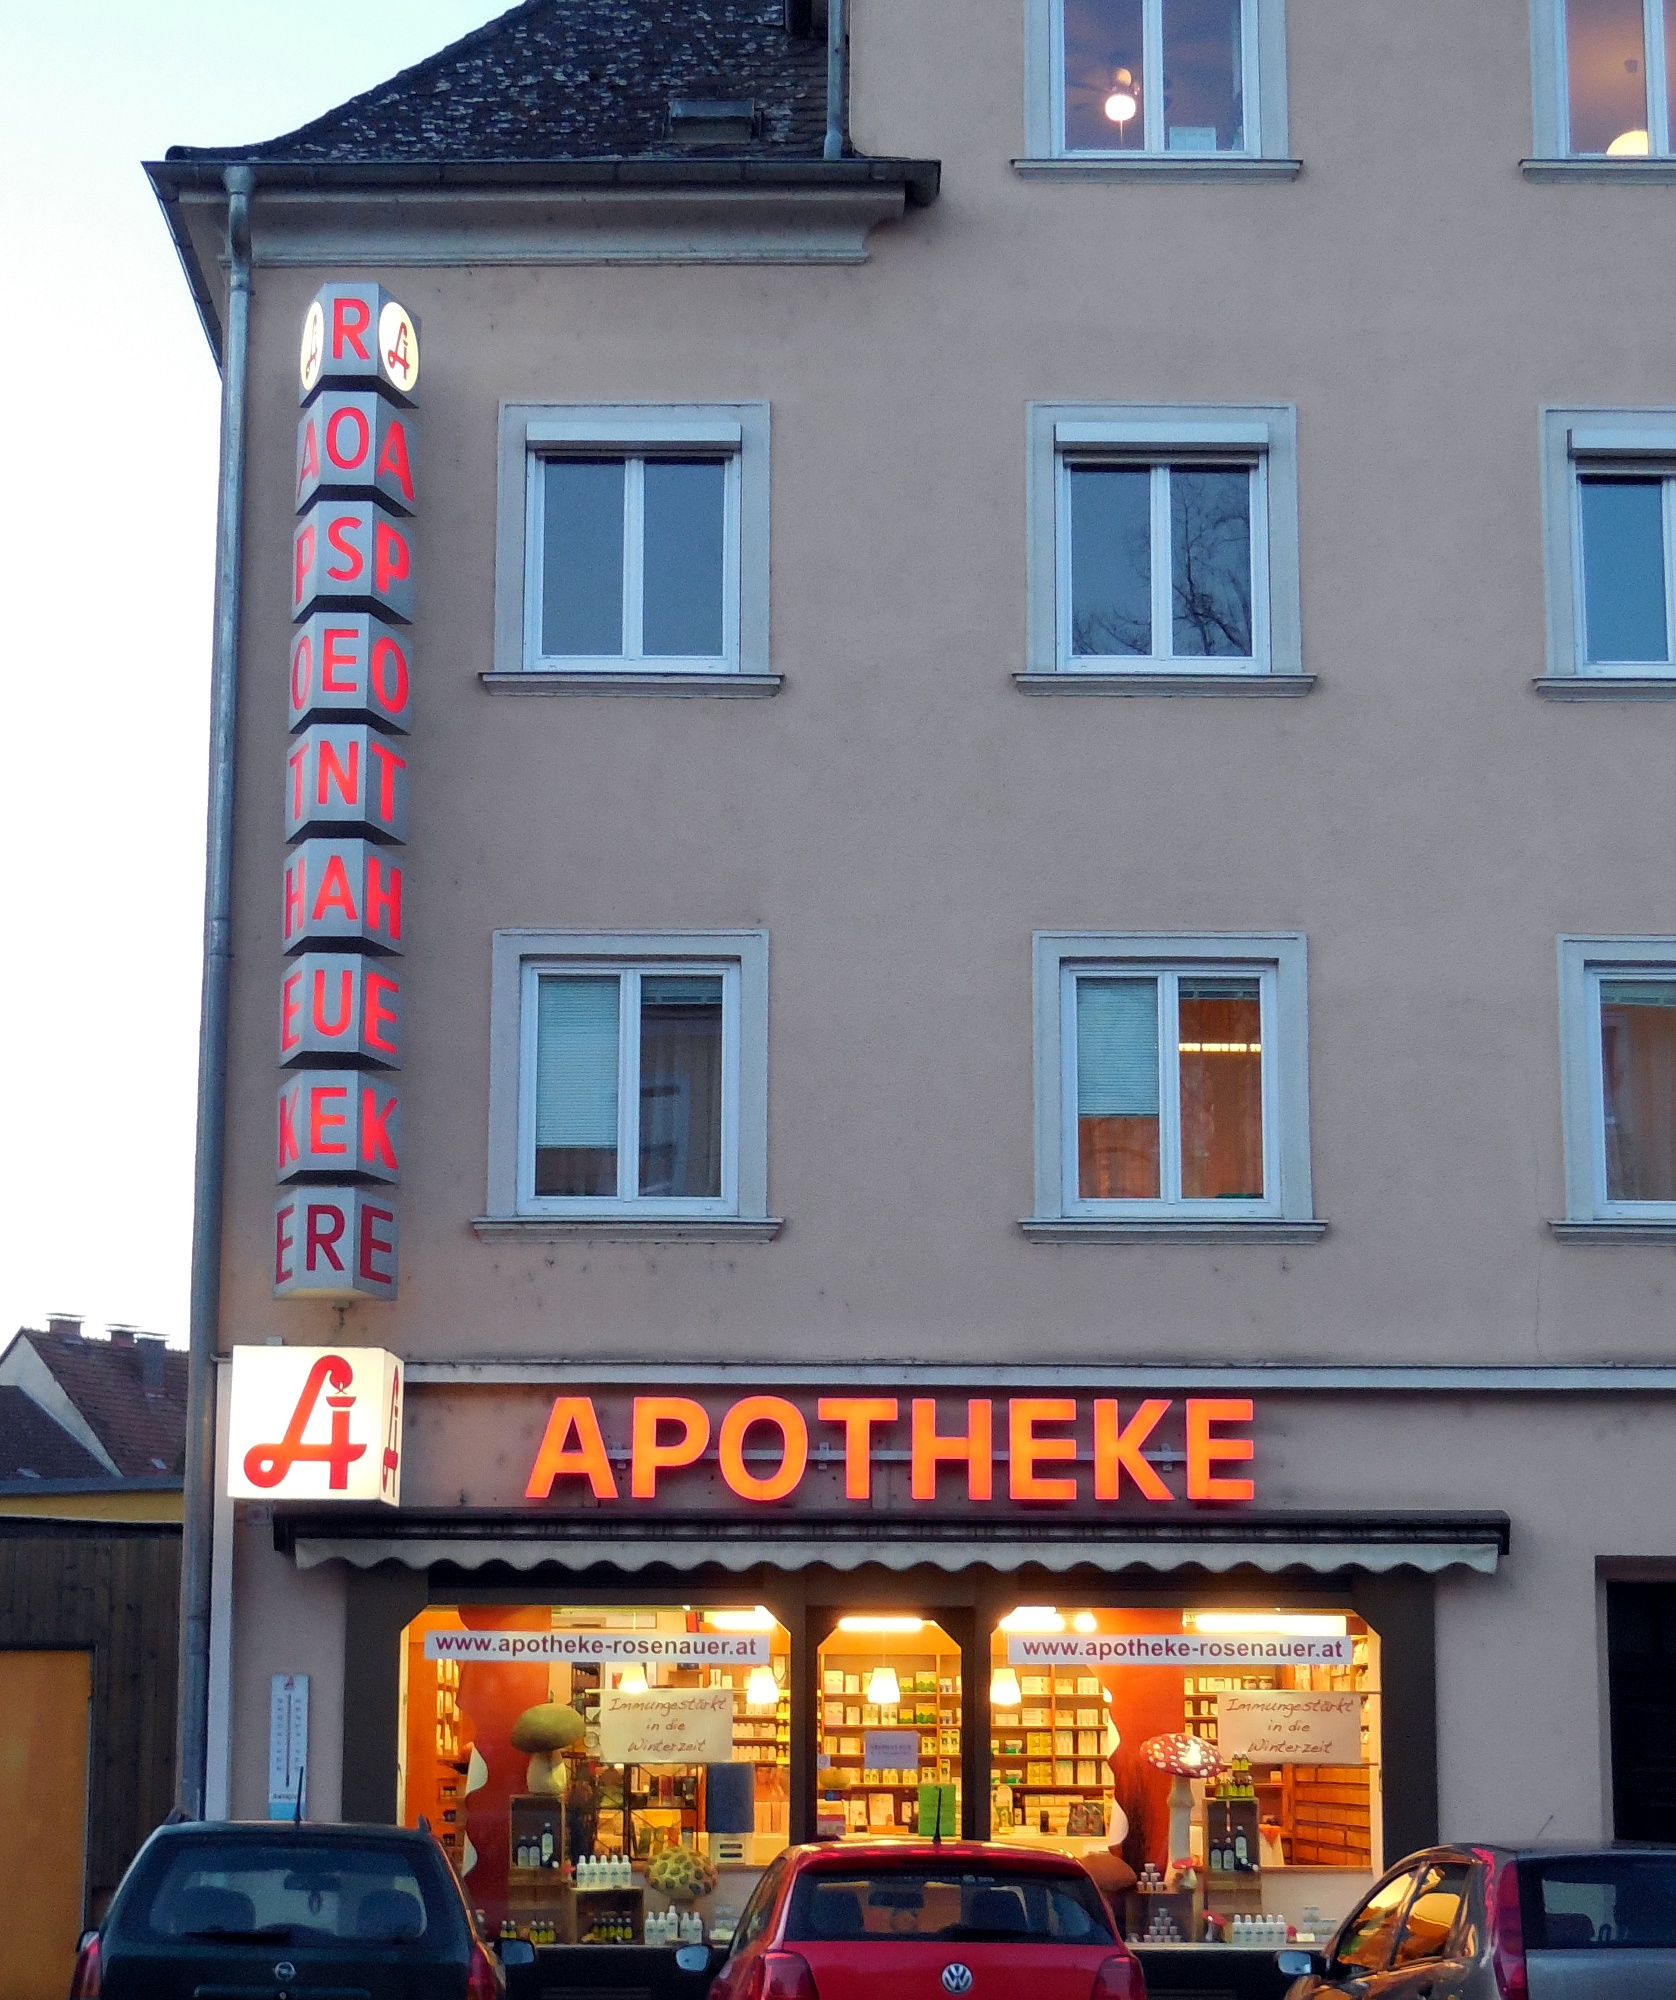 Apotheke.At